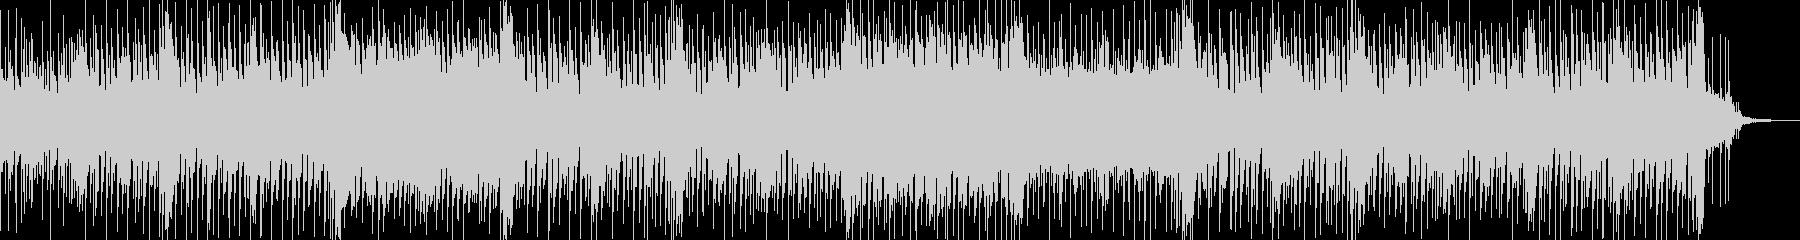 切ない感じのテクノポップBGMの未再生の波形